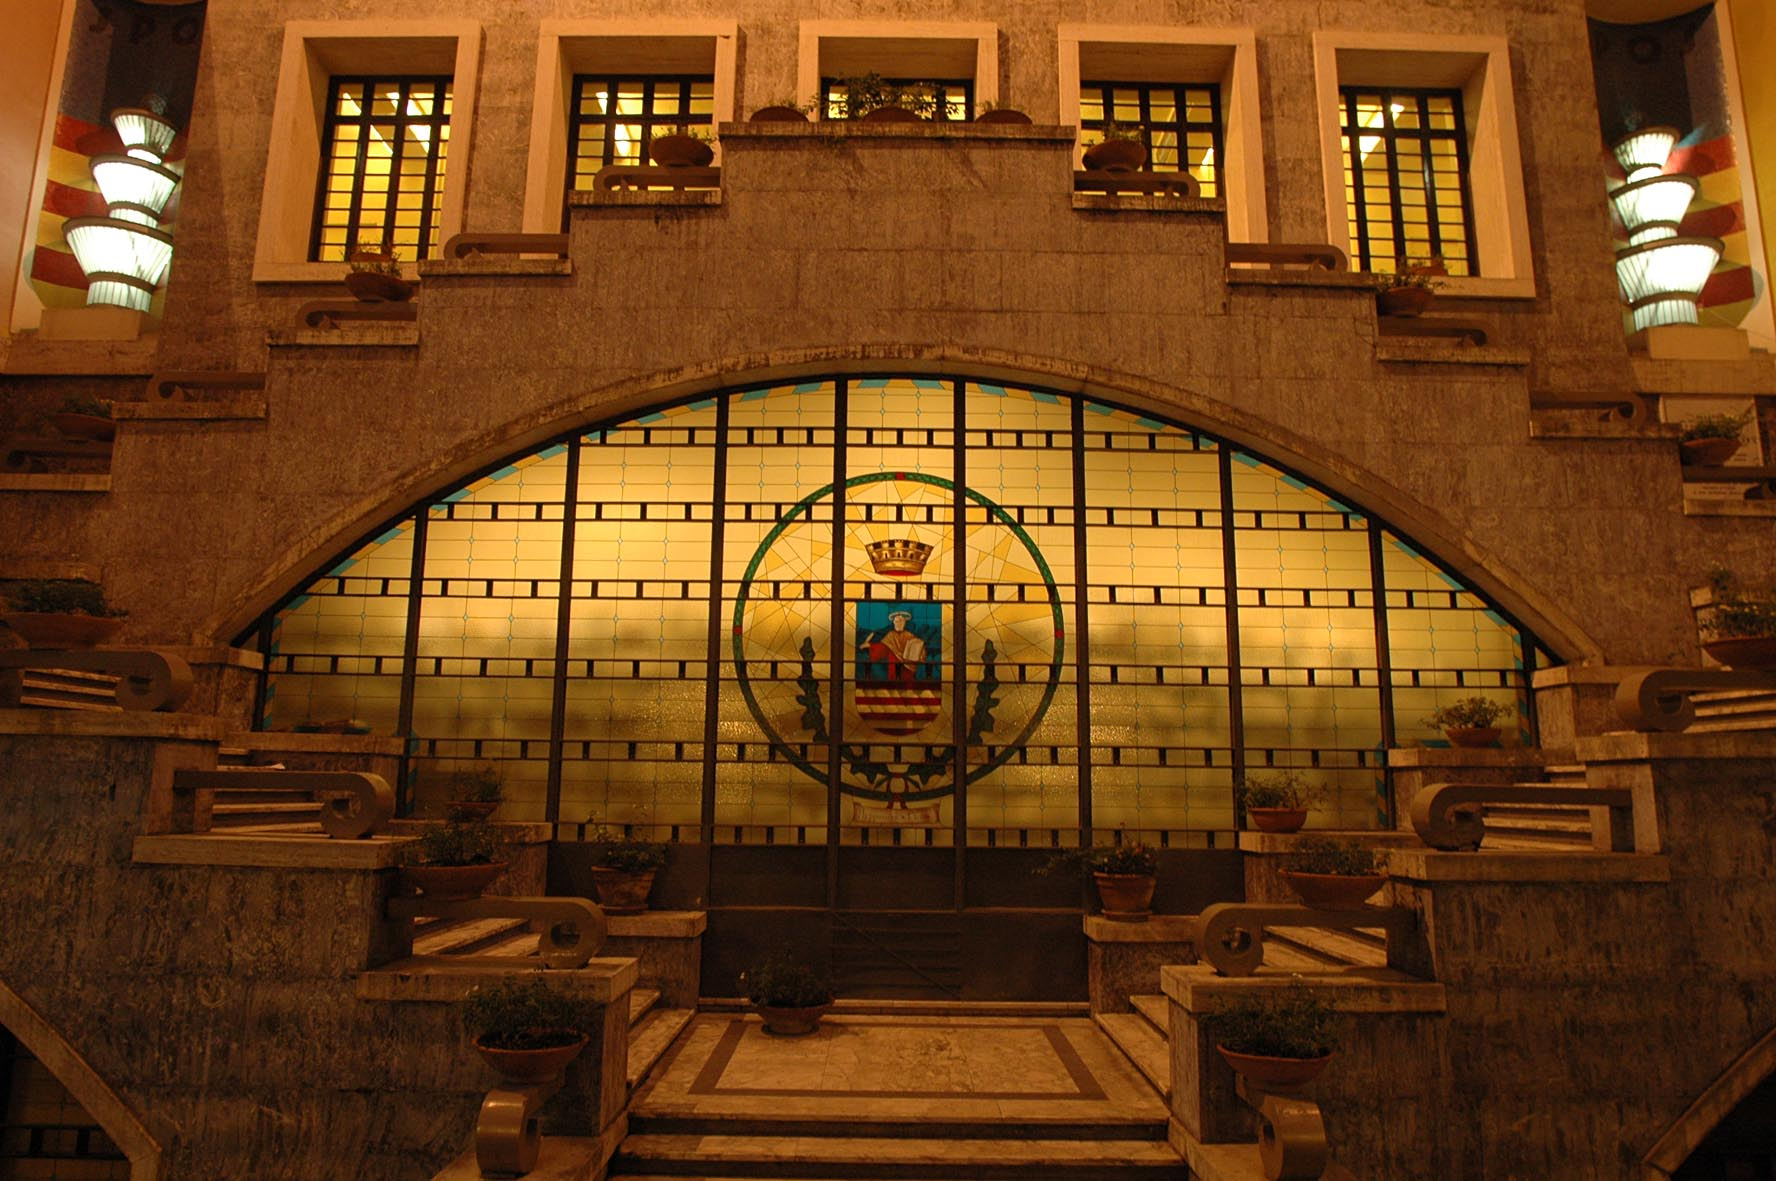 Assunzioni al Comune di Salerno: entro il 2018 saranno più ...